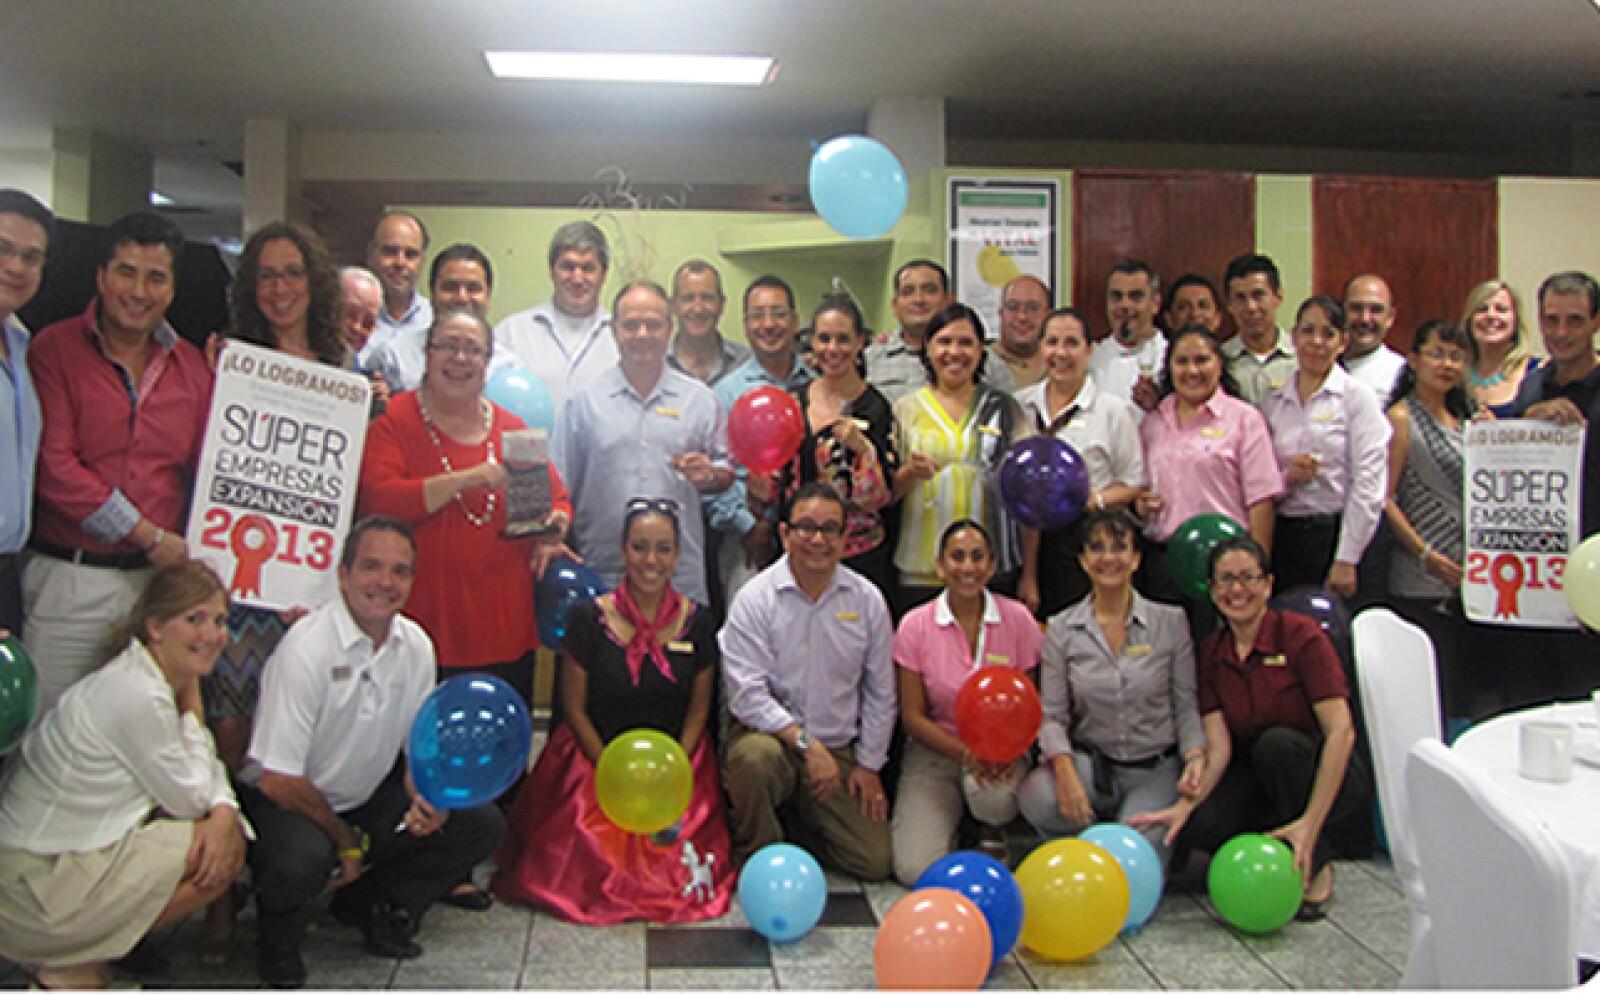 Hoteles Fairmont en México celebró su 3er lugar en la categoría de entre 500 y 3000. Realizaron una reunión para felicitar a todos los empleados por su esfuerzo.